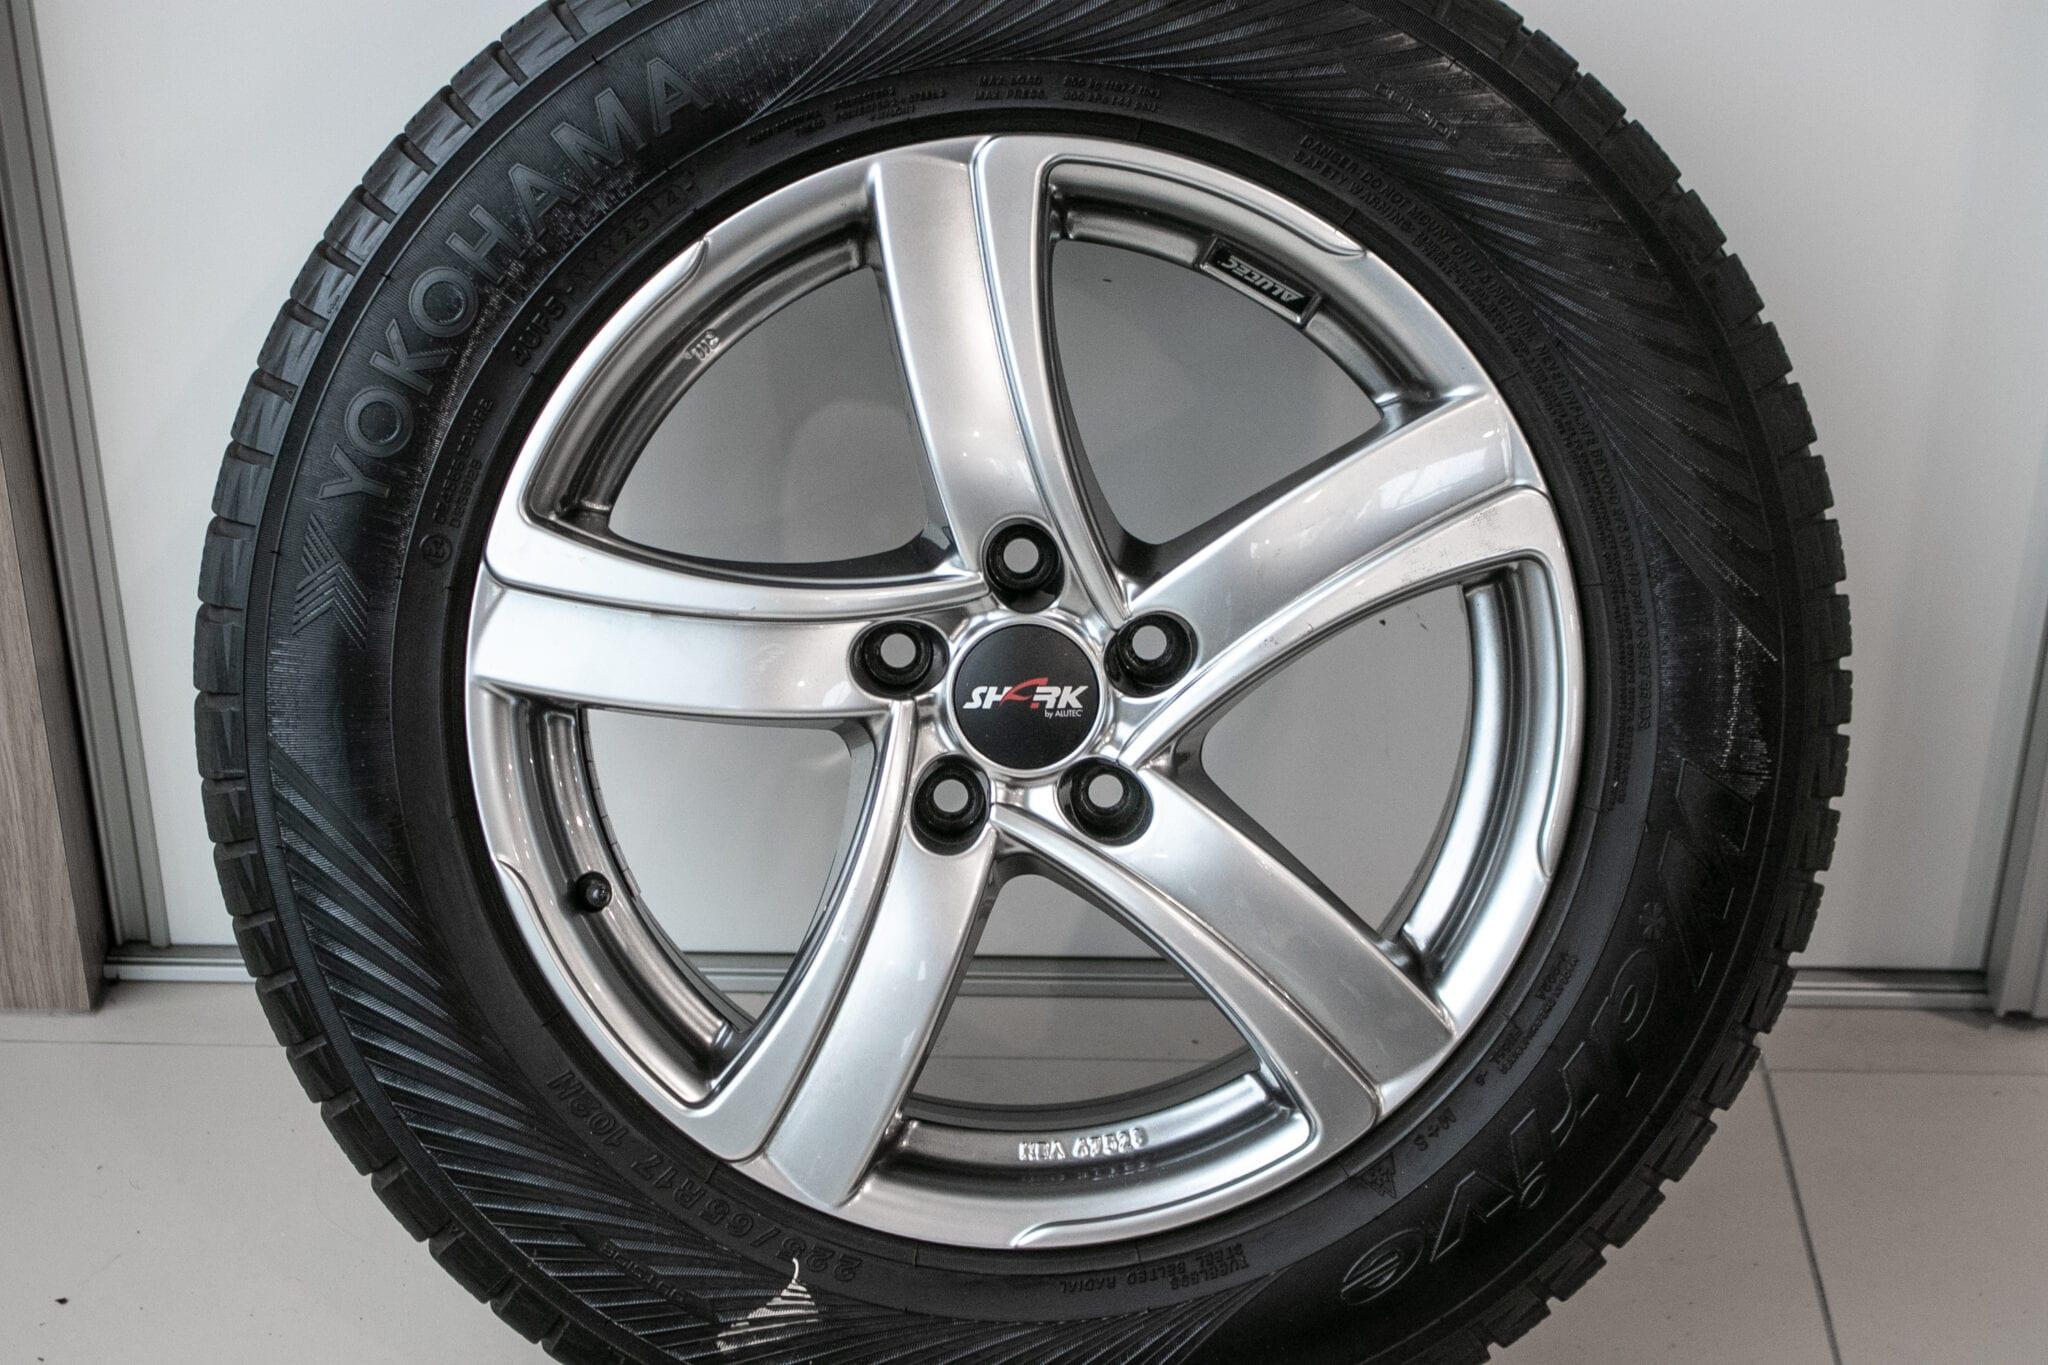 """17"""" Winterwielen voor de Honda CR-V ('07-'17) €399,- Gebruikt. Profieldiepte: 5mm - 6.5mm"""